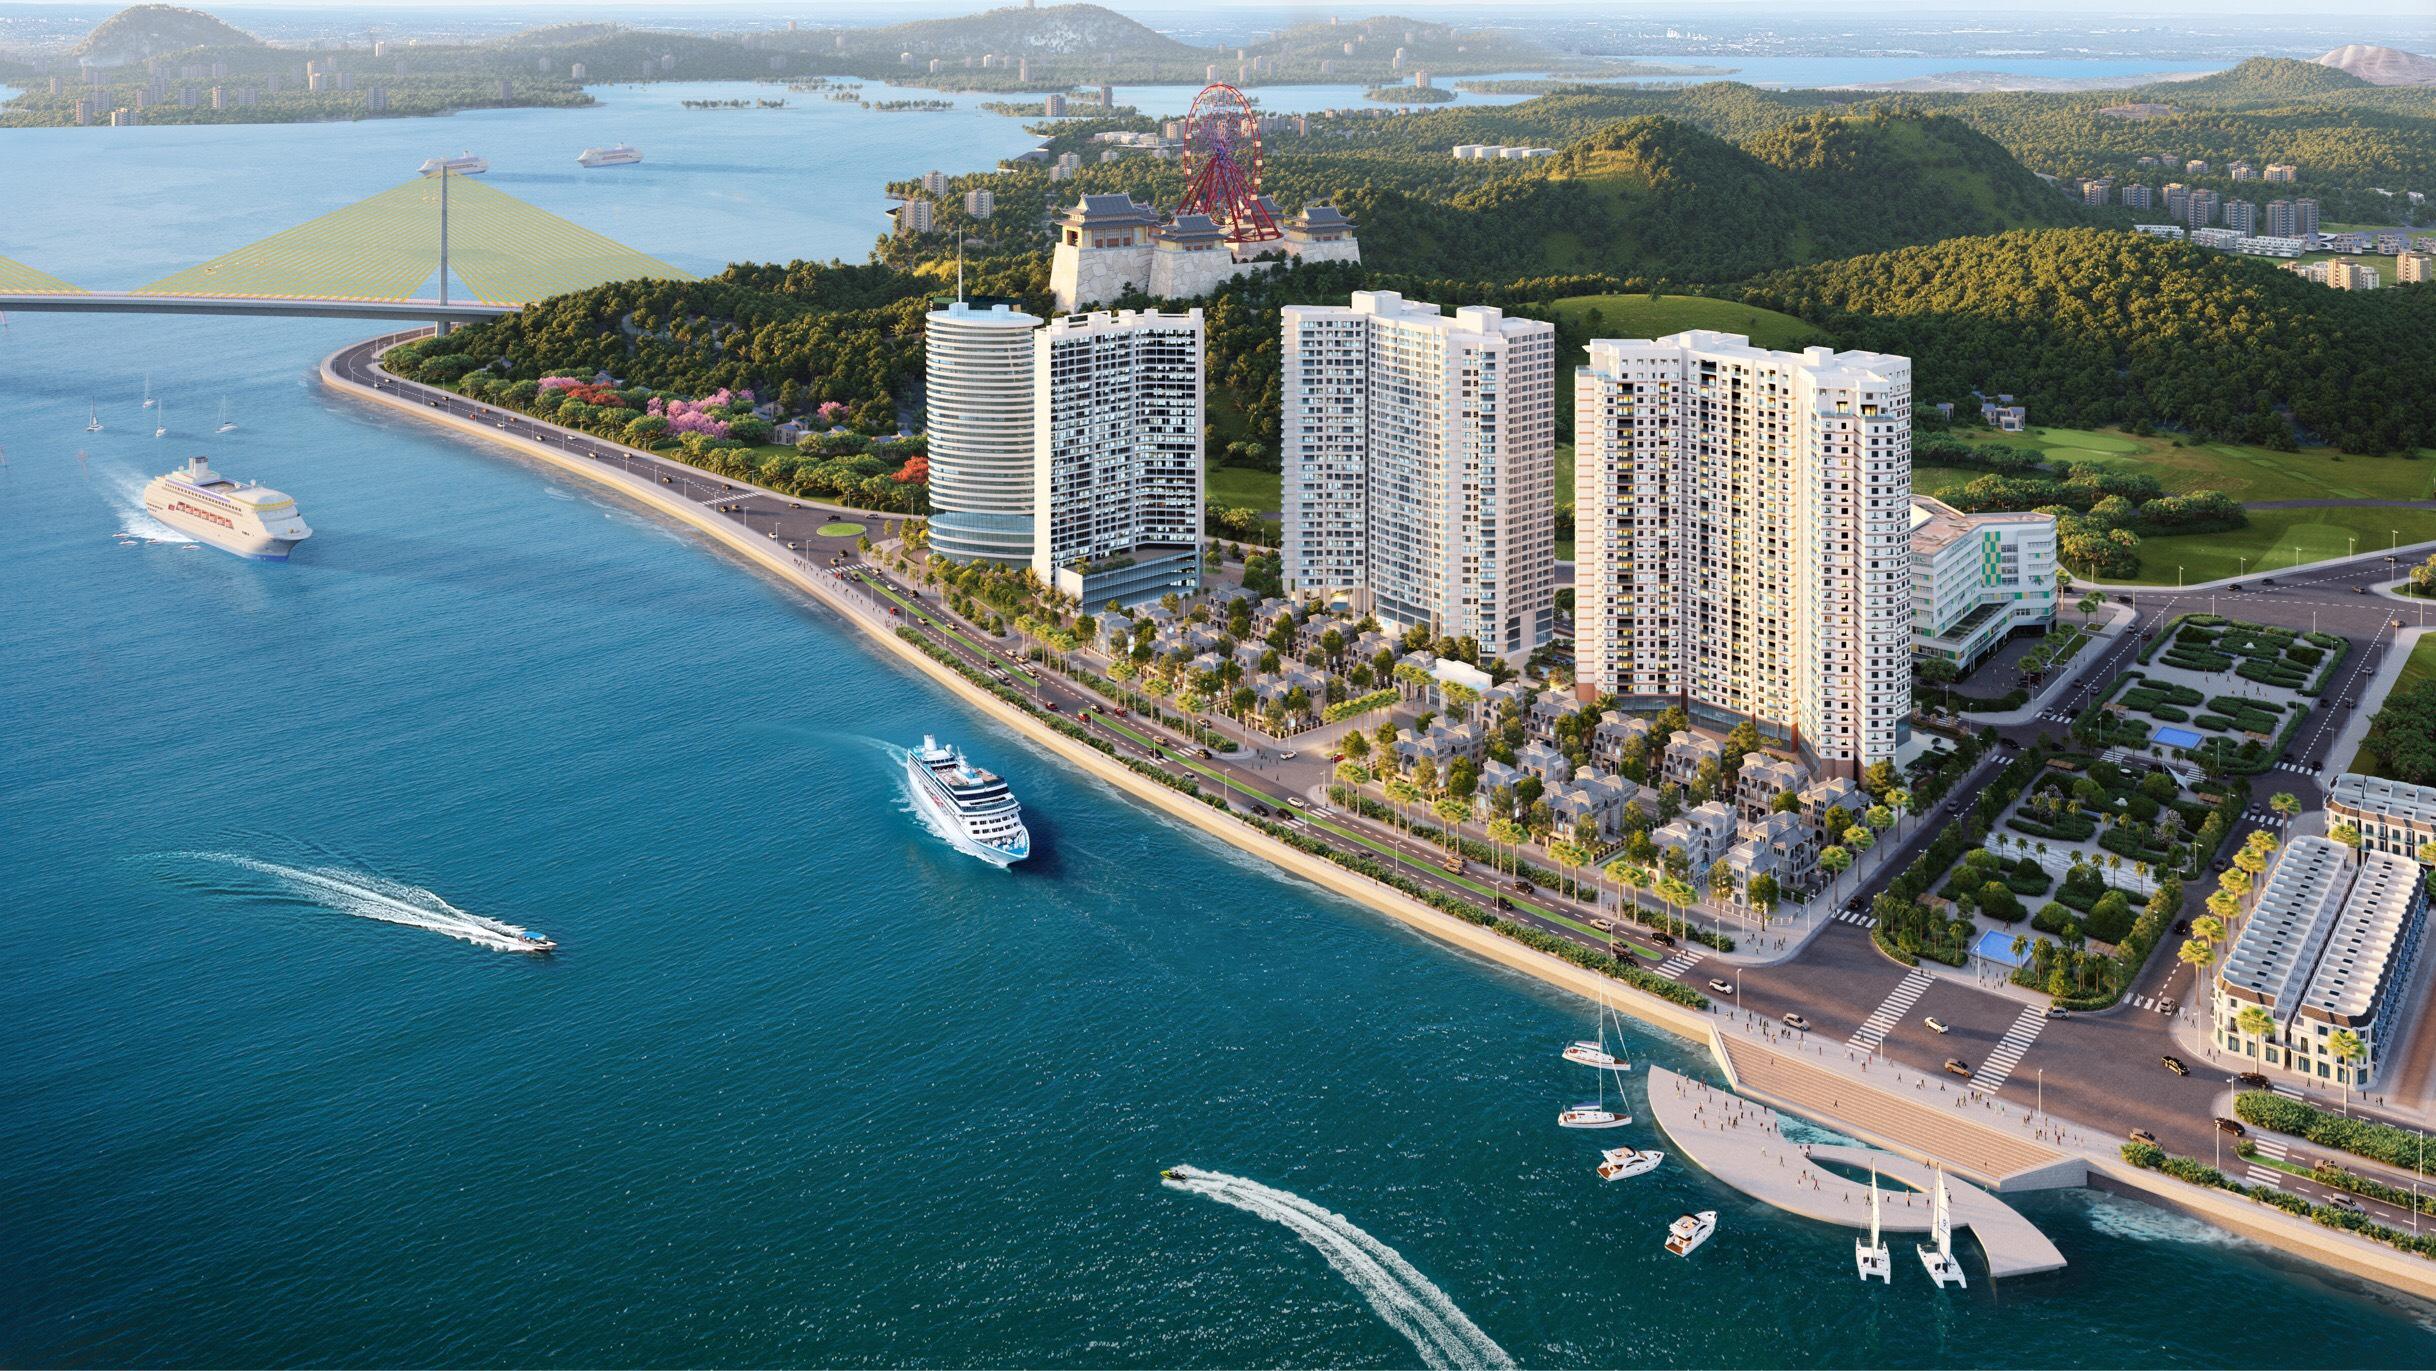 Kế cận dự án căn hộ nghỉ dưỡng thương hiệu 5 sao quốc tế, căn hộ The Sapphire Residence ngày càng hút khách